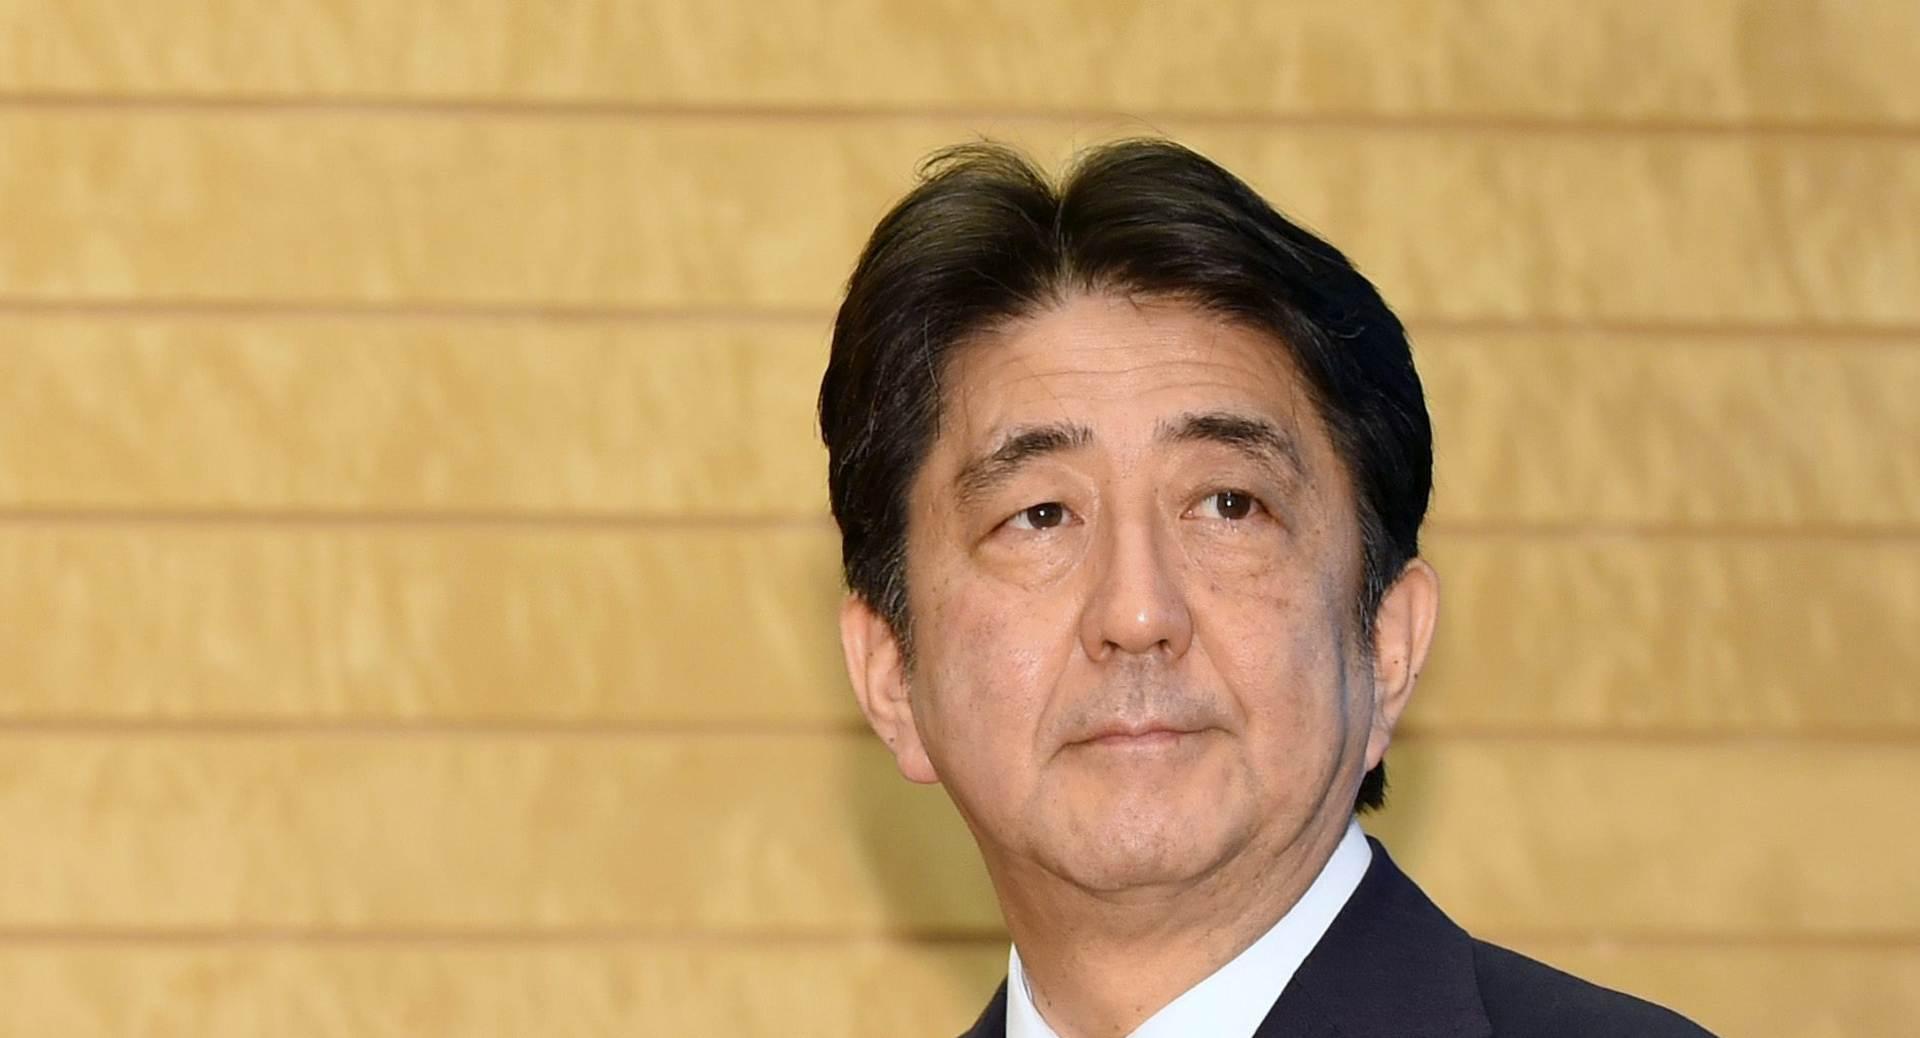 ABE: Japan će za pomoć izbjeglicama i uspostavljanje mira izdvojiti 1,6 milijardi dolara